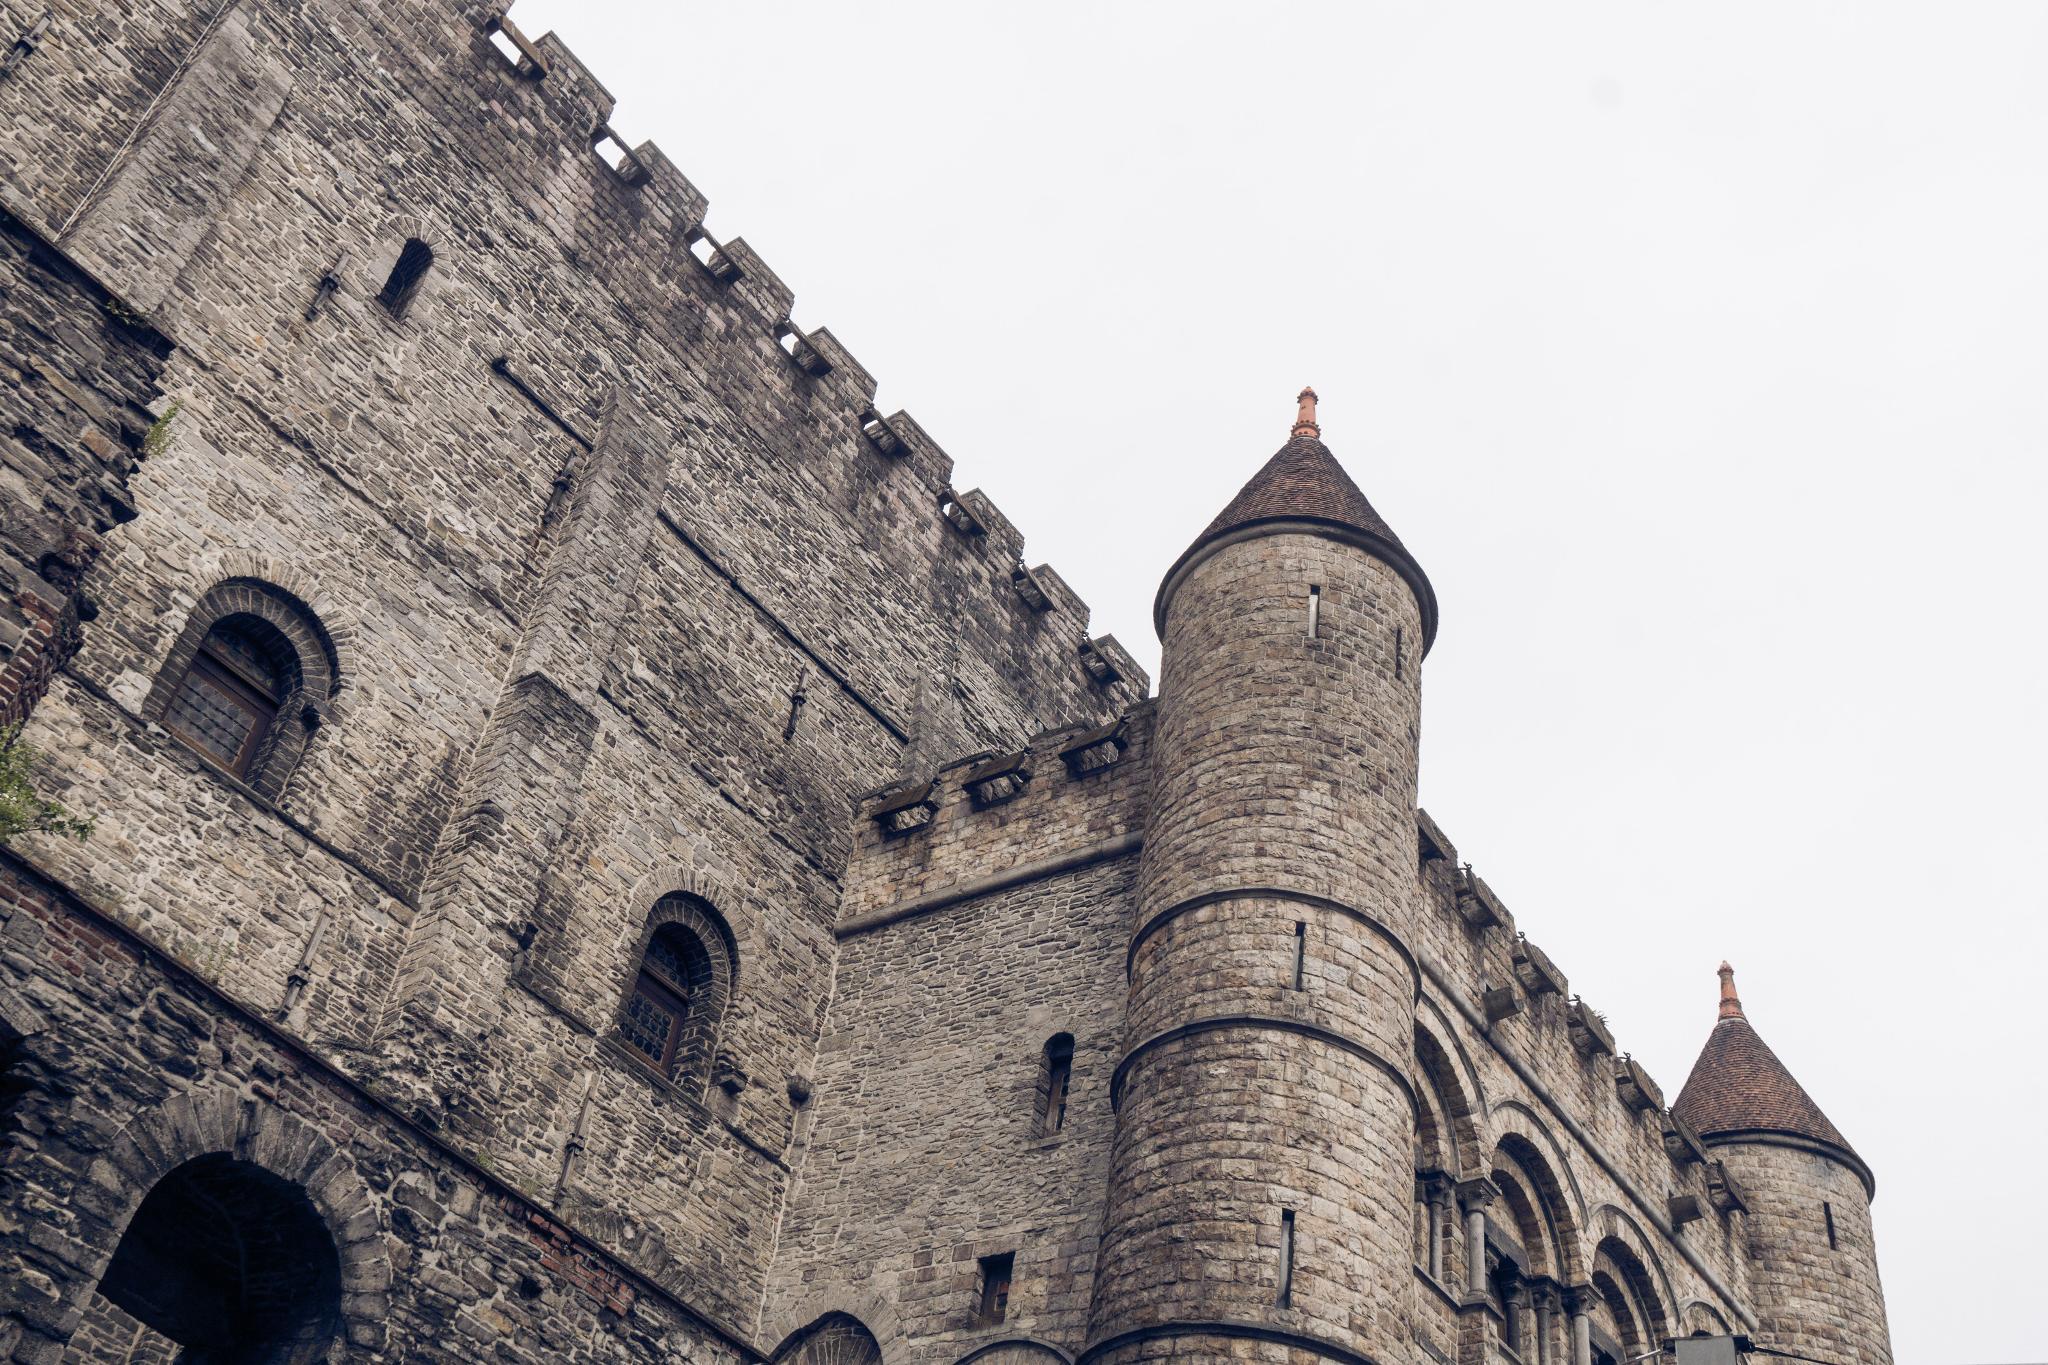 【比利時】穿梭中世紀的大城小事 — 比利時根特 (Ghent) 散步景點總整理 113